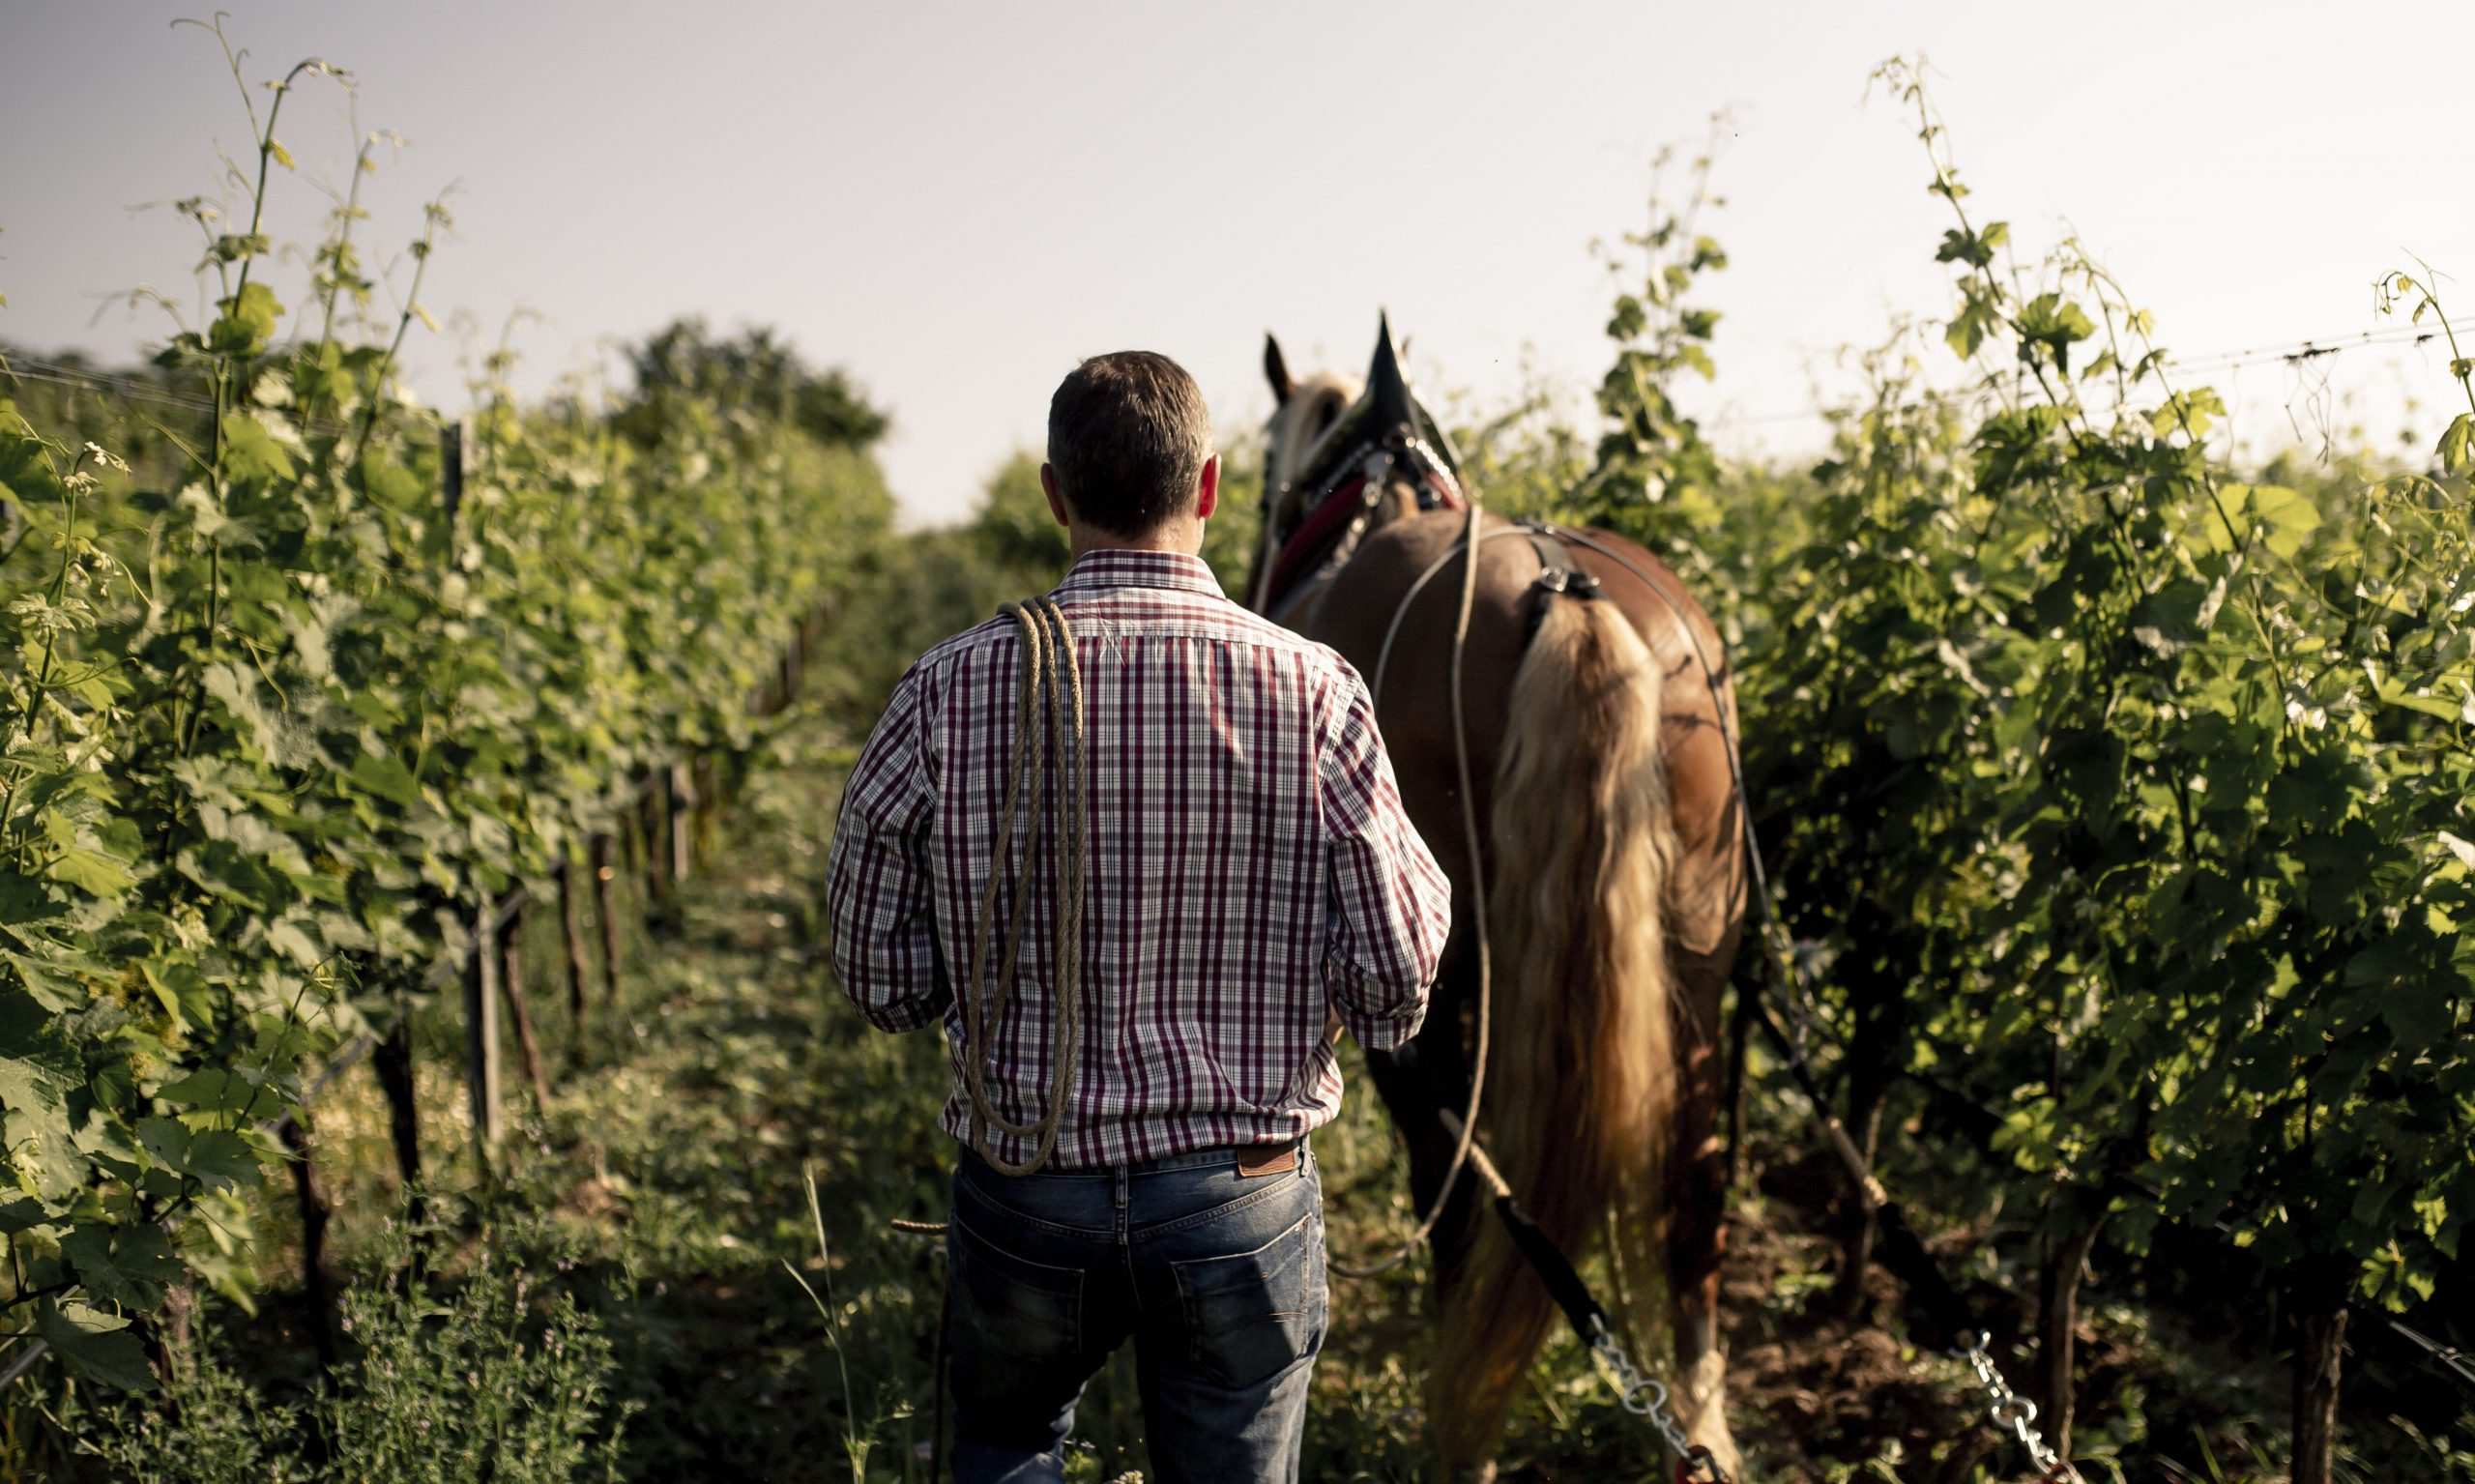 Mann mit Pferd im Weingarten